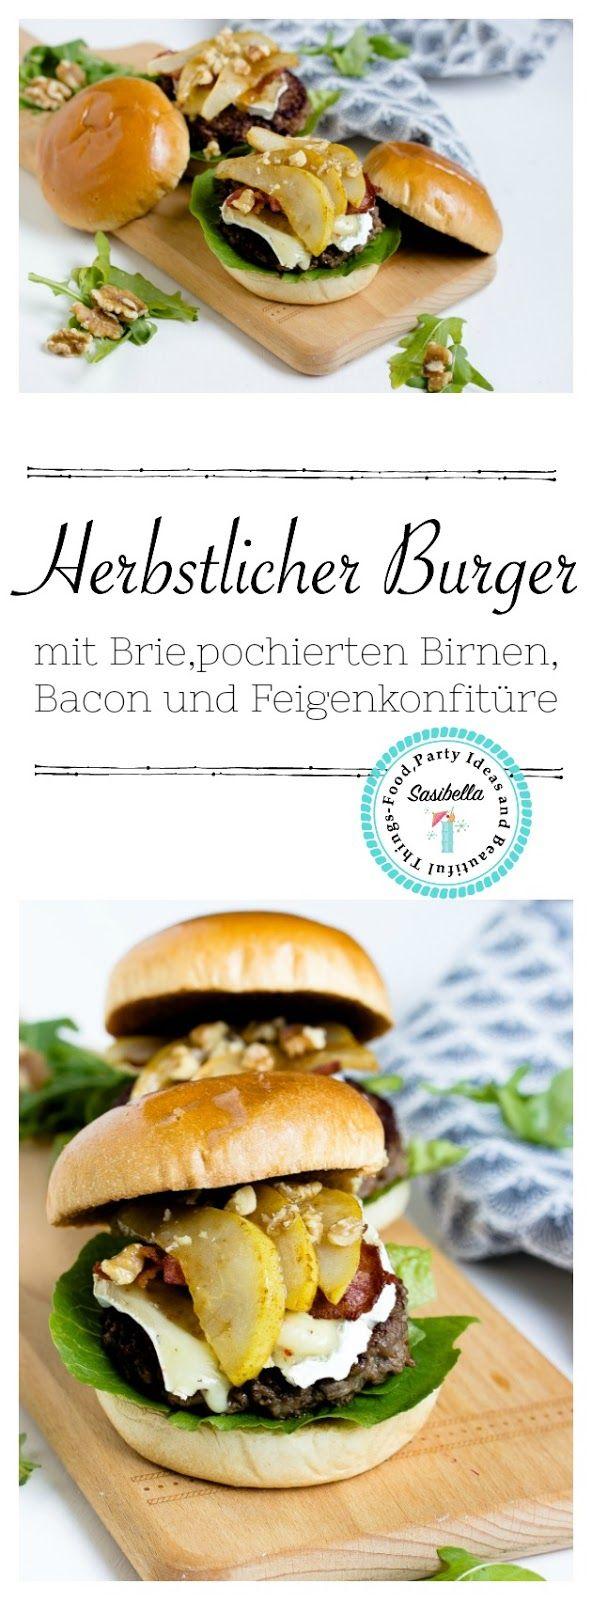 herbstlicher burger mit brie pochierten birnen und feigen konfit re blogger barbecue. Black Bedroom Furniture Sets. Home Design Ideas